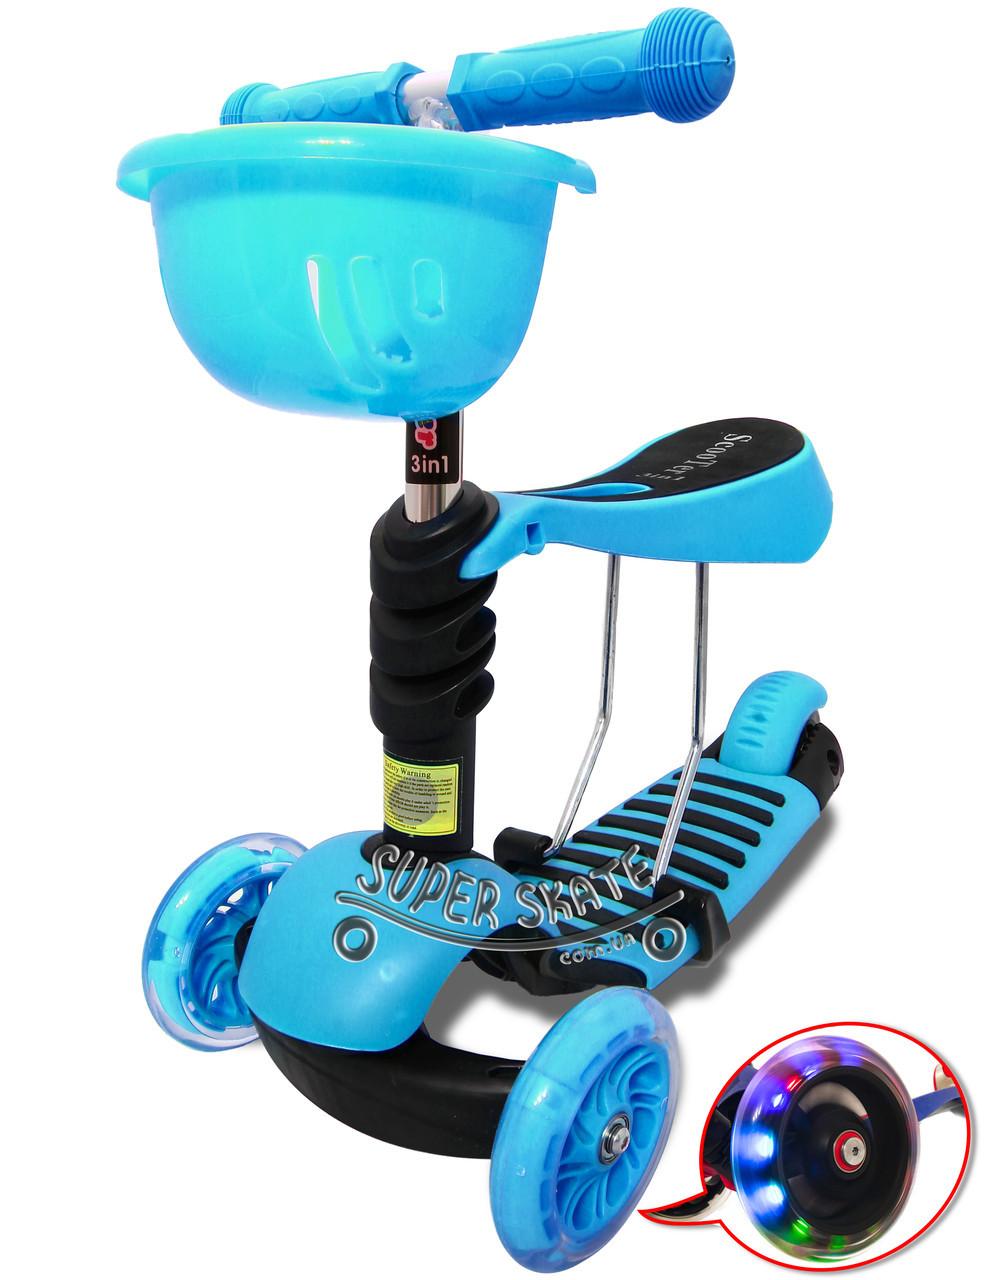 Трехколесный Самокат/Беговел Scooter Simple - 3в1 - Синий